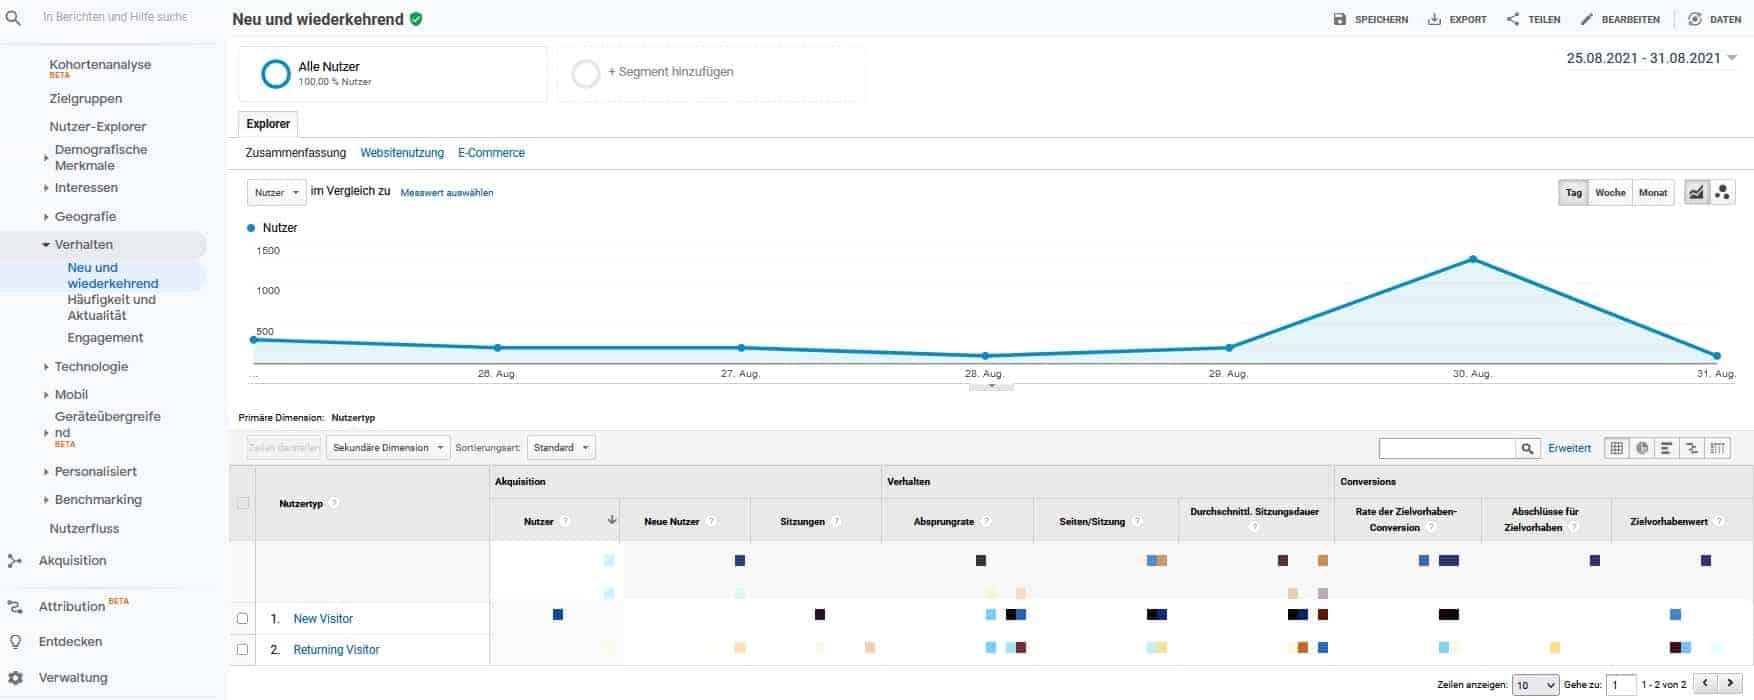 google-analytics-nutzertyp-neu-und-wiederkehrend